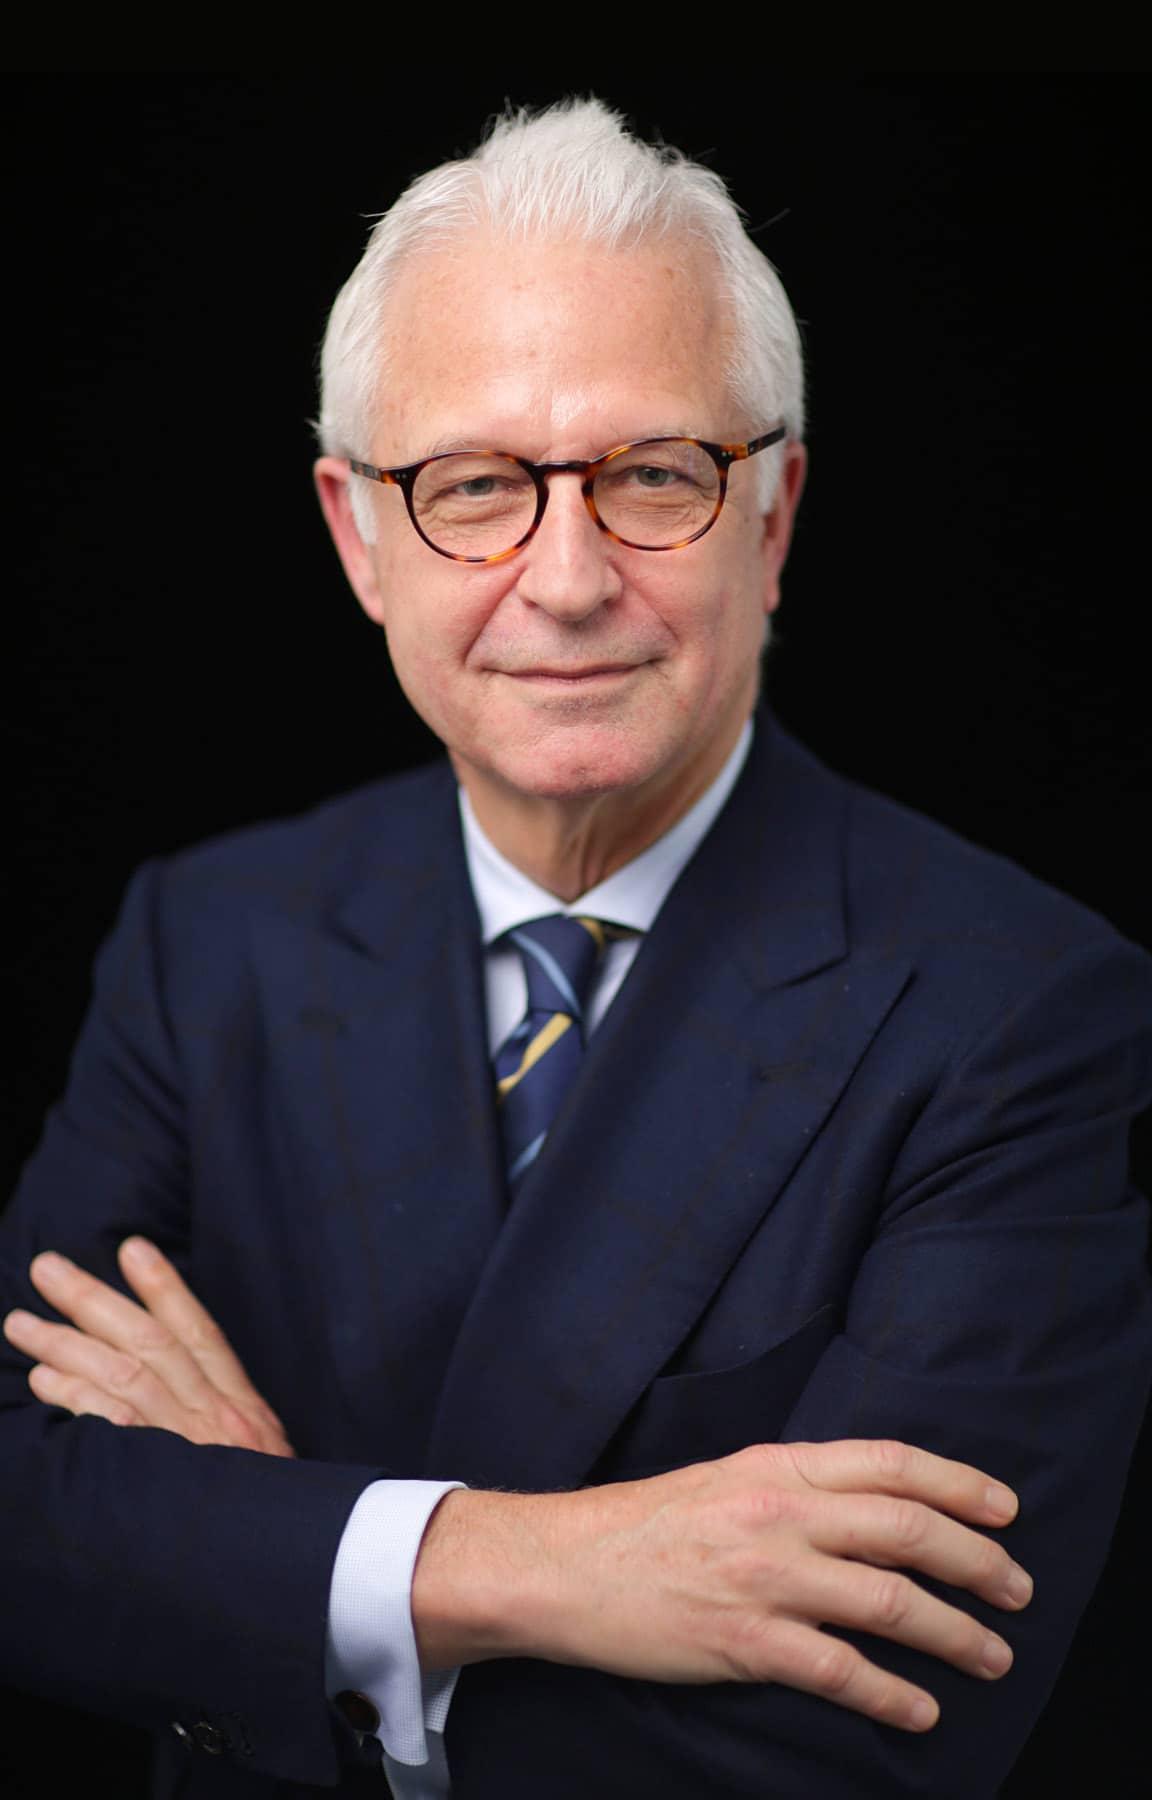 Philip E. Stieg